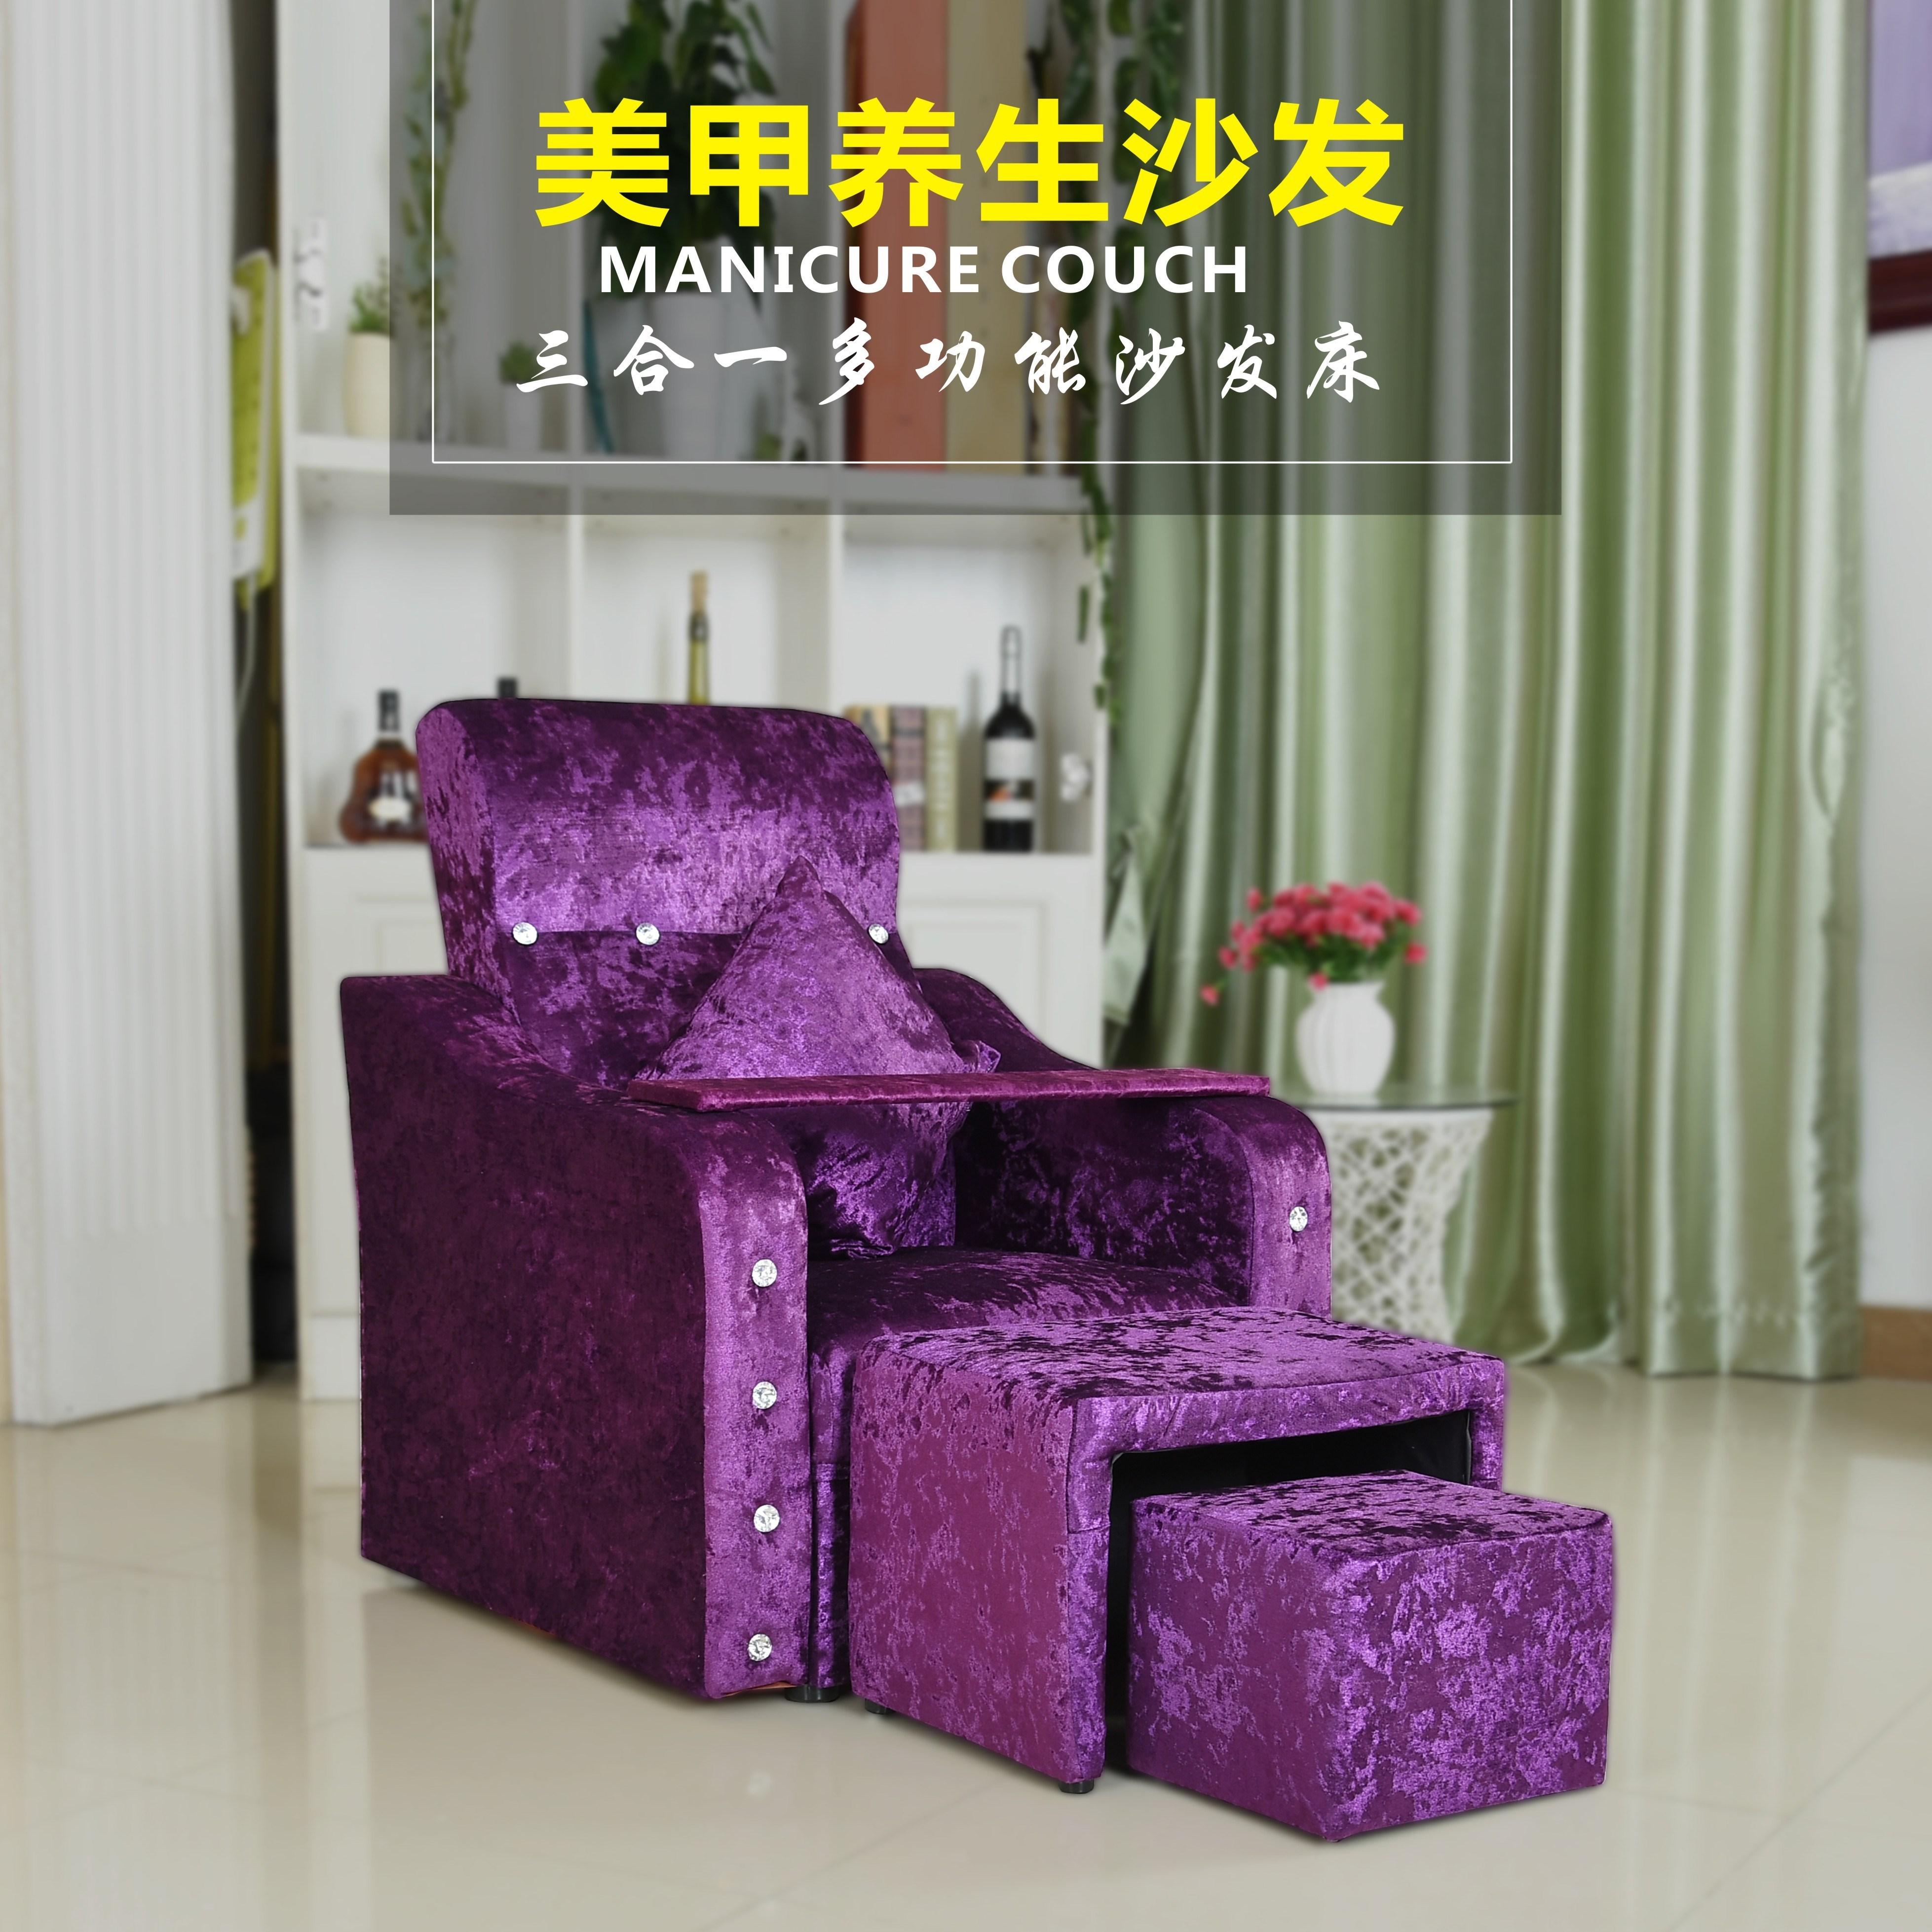 美甲沙发美足椅可躺美容美脚椅足疗洗浴足浴沙发沐足洗脚椅